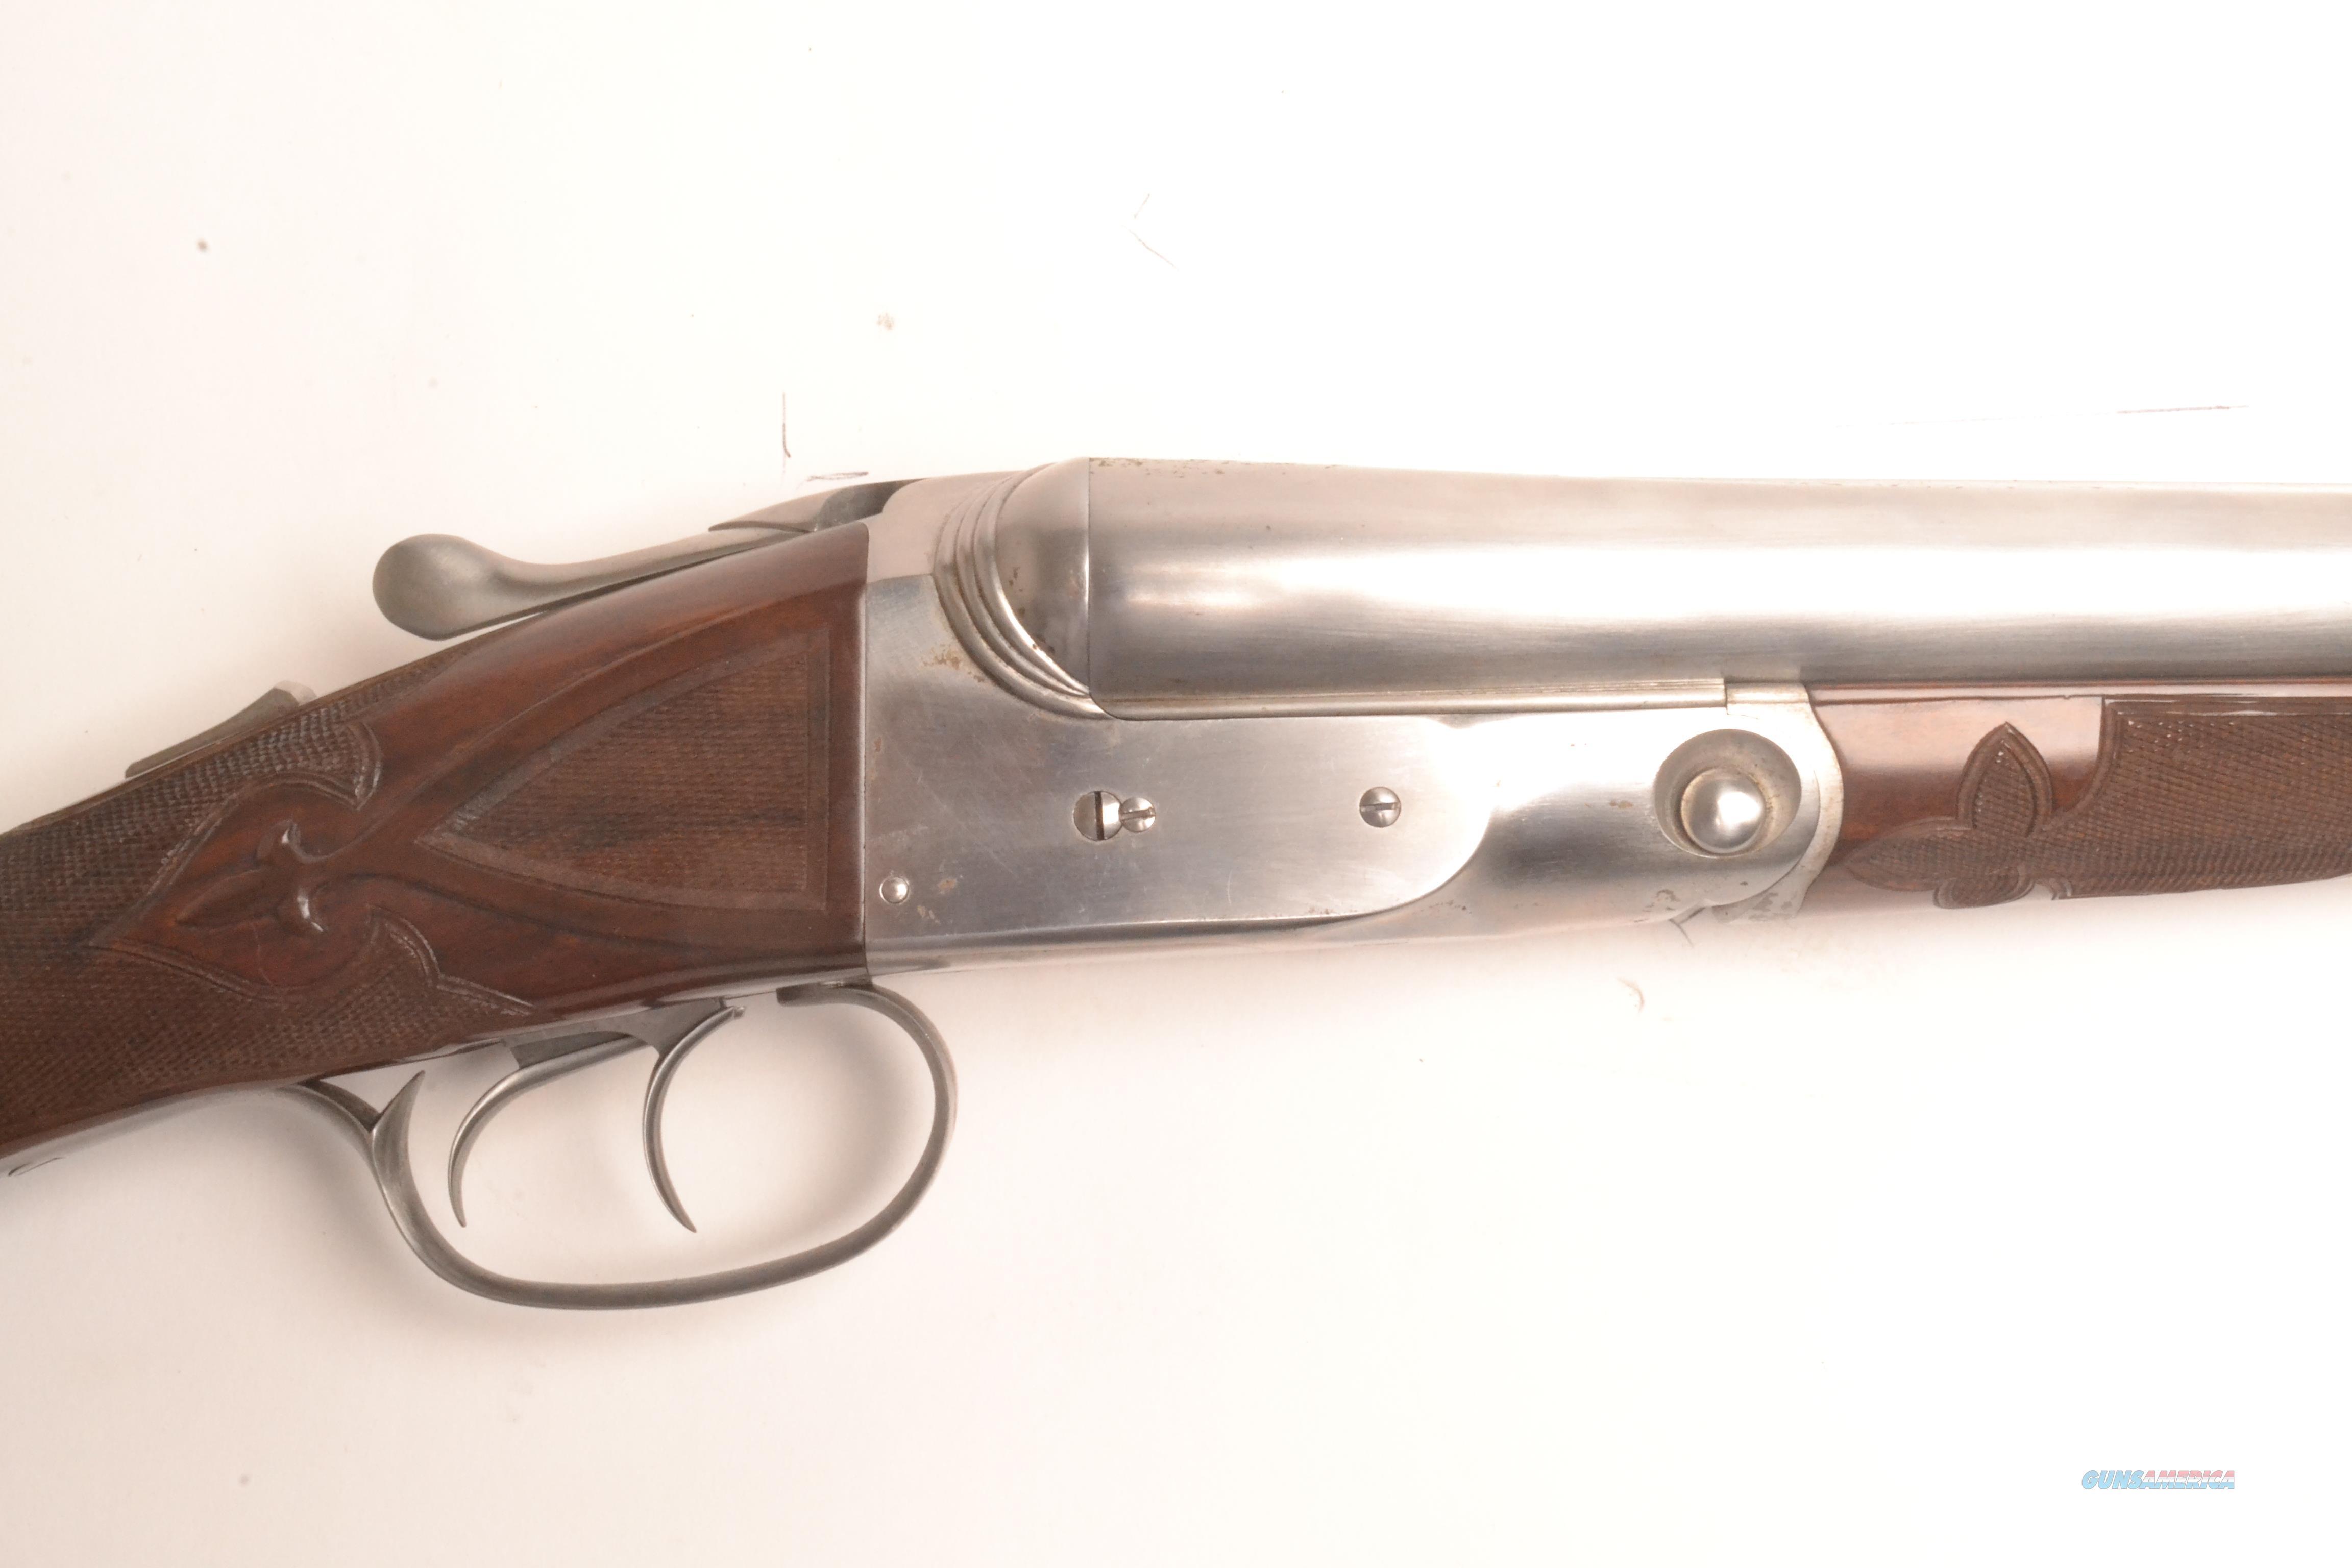 Parker Reproductions - A1 Special, 12ga.  Guns > Shotguns > Parker Reproductions Shotguns